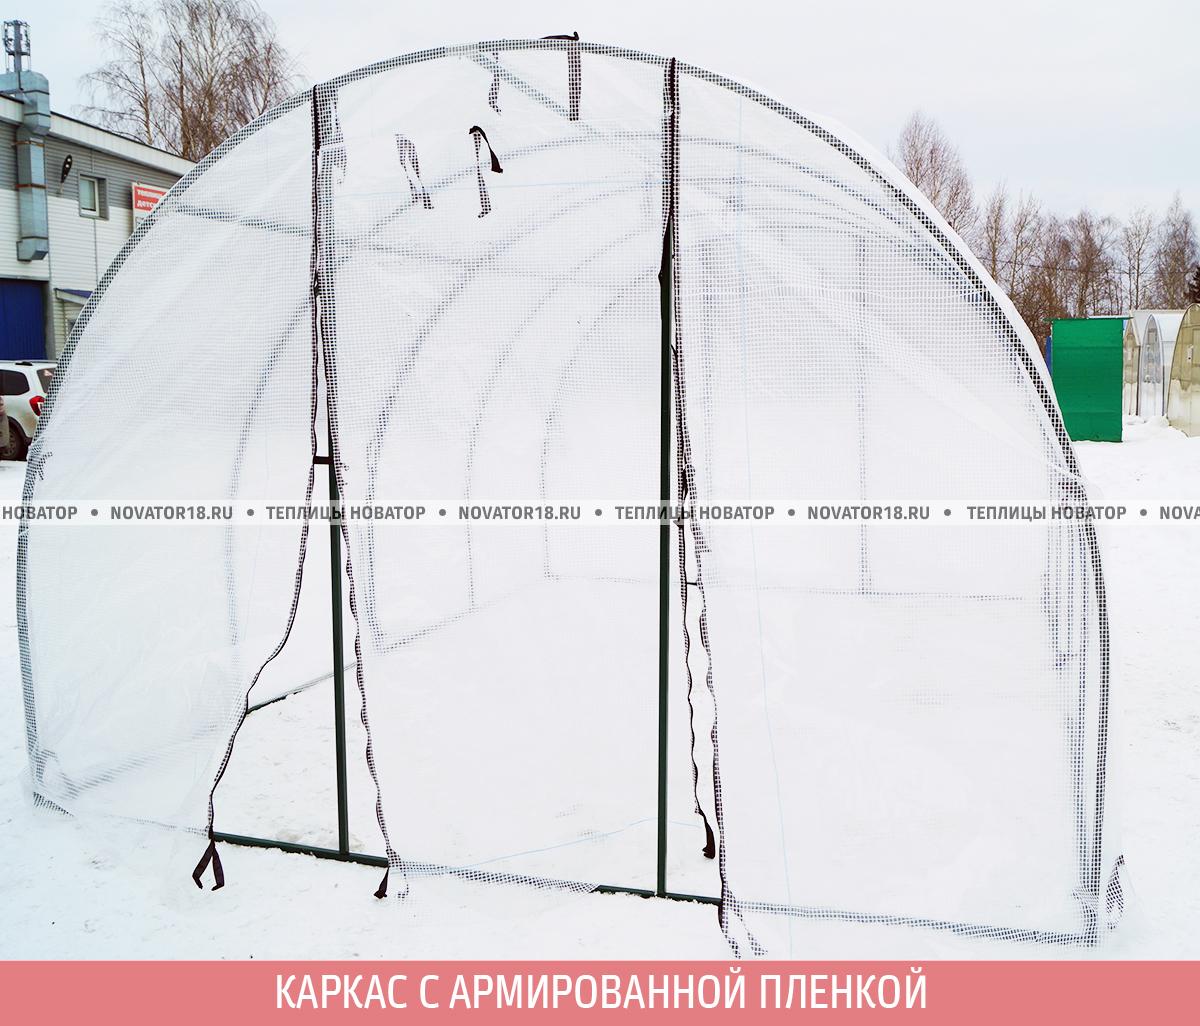 Тент для для теплицы «Новатор-7» 6 метров из армированной пленки 200 гр/м2